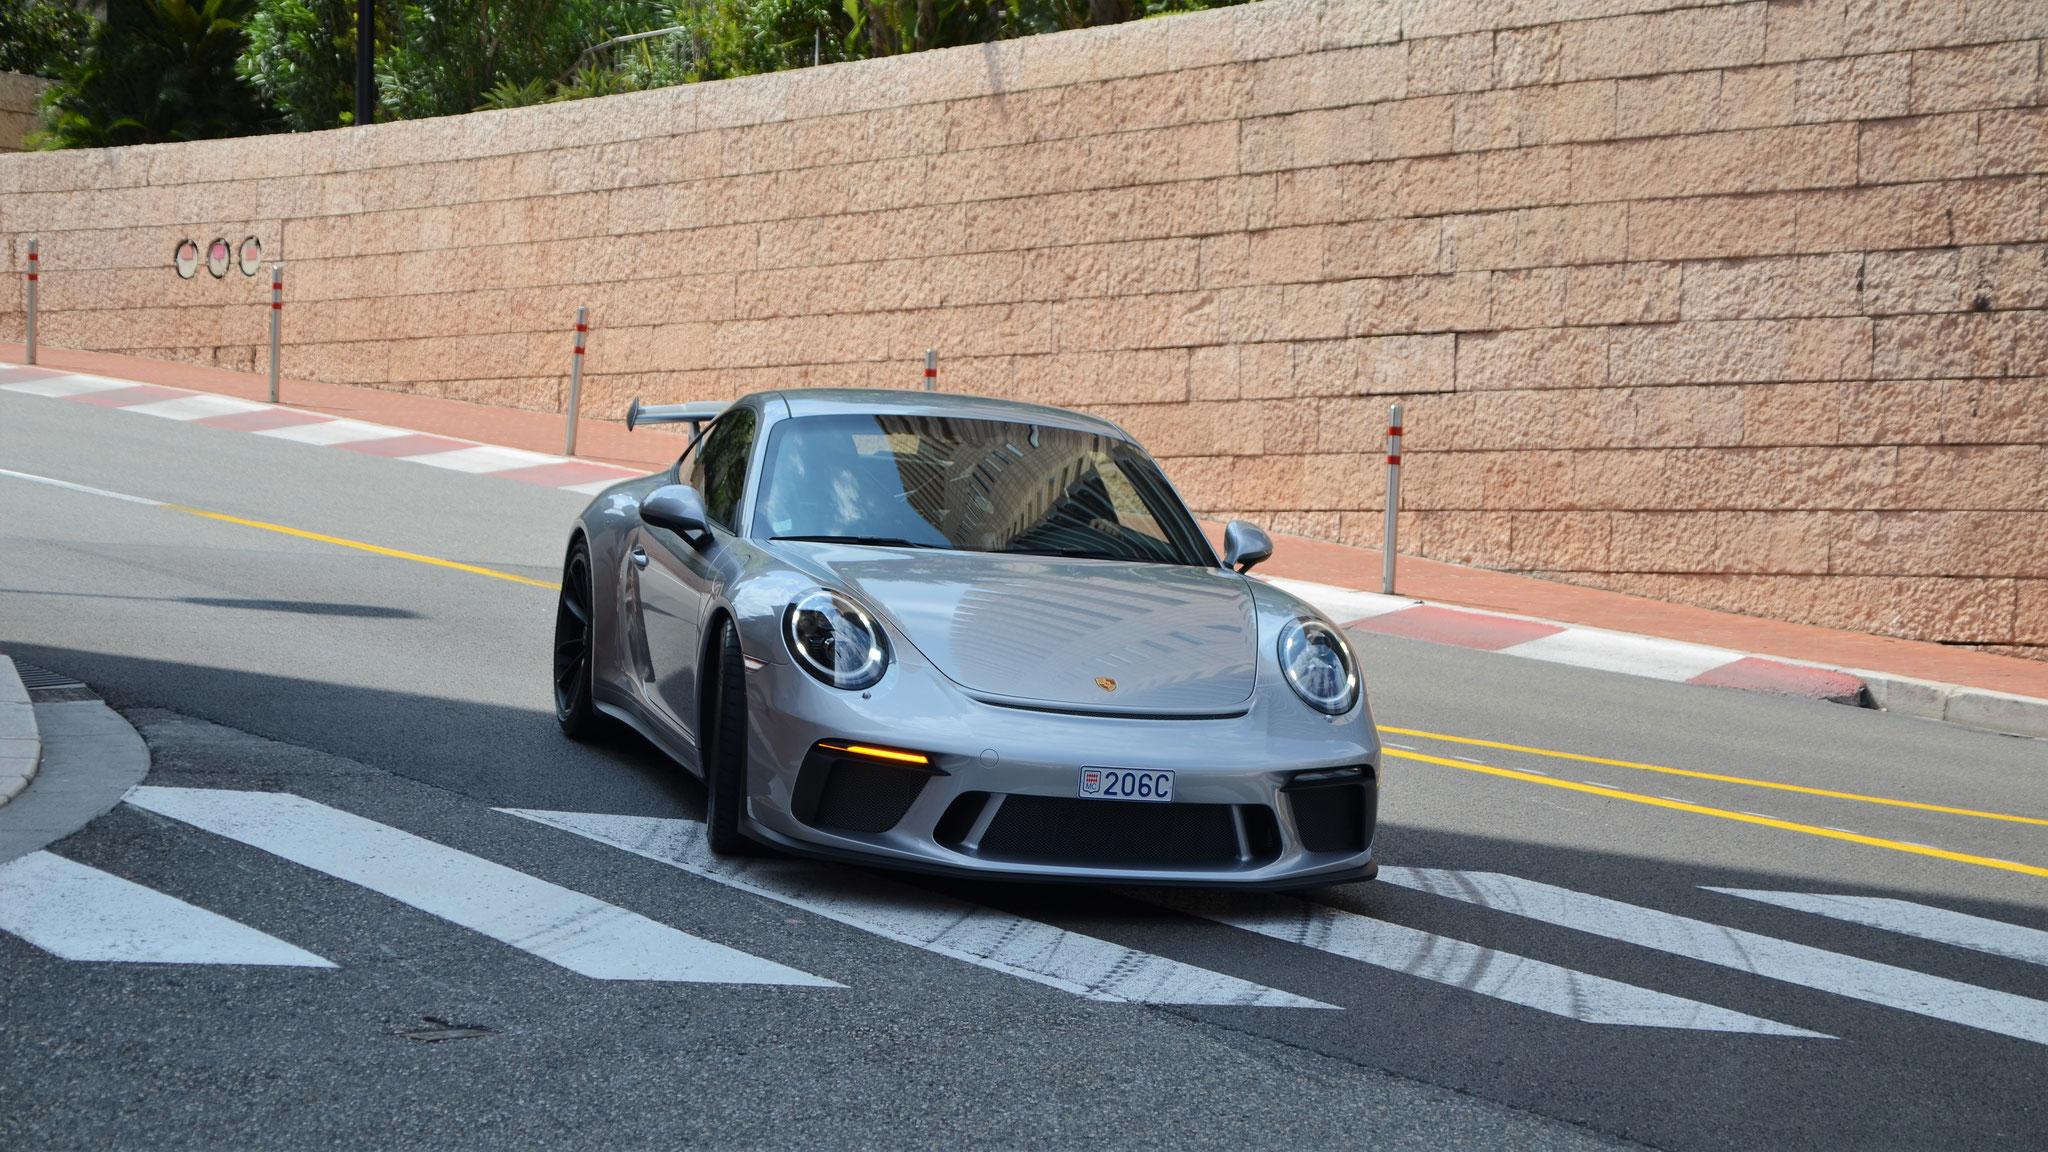 Porsche 991 GT3 - 206C (MC)